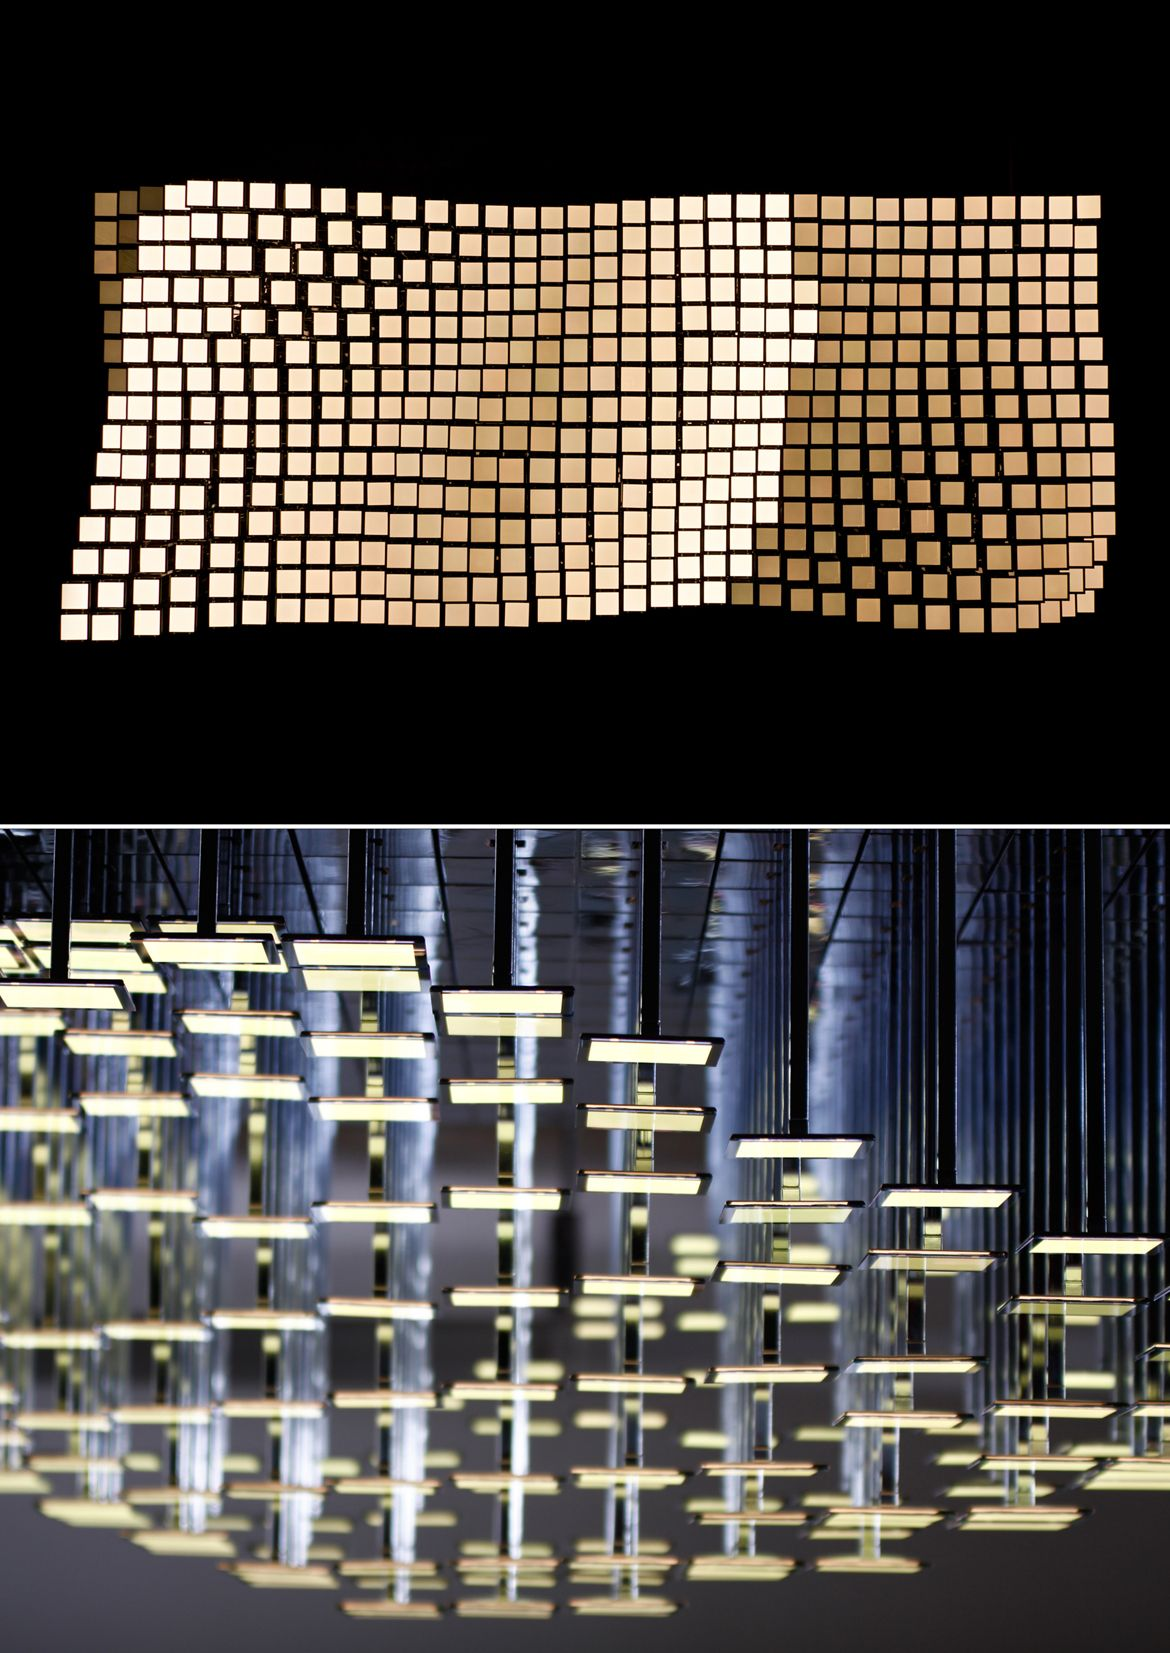 Lumiblade_The World of OLED Lighting | OLED